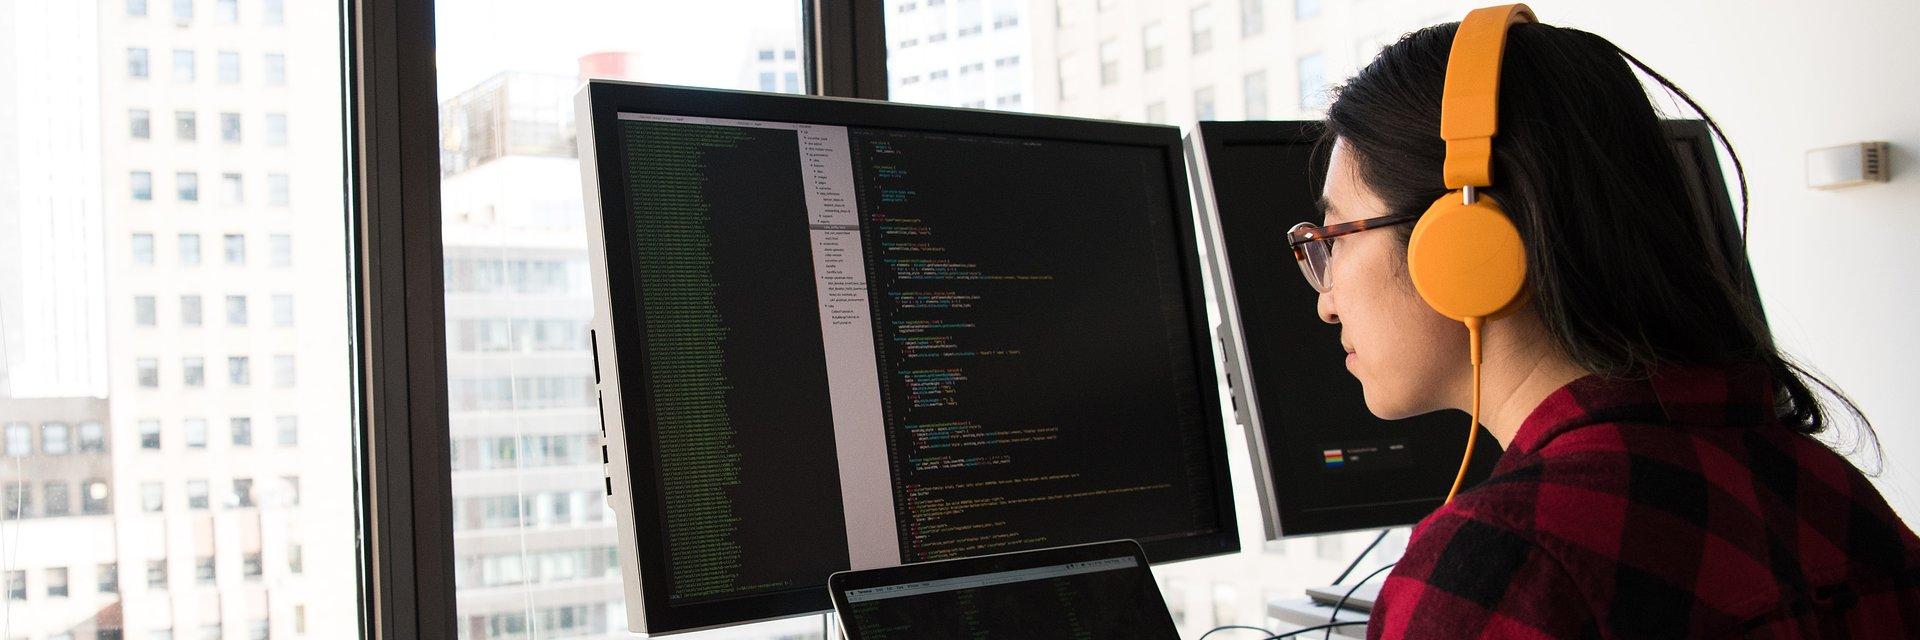 Eksperci rozwoju oprogramowania